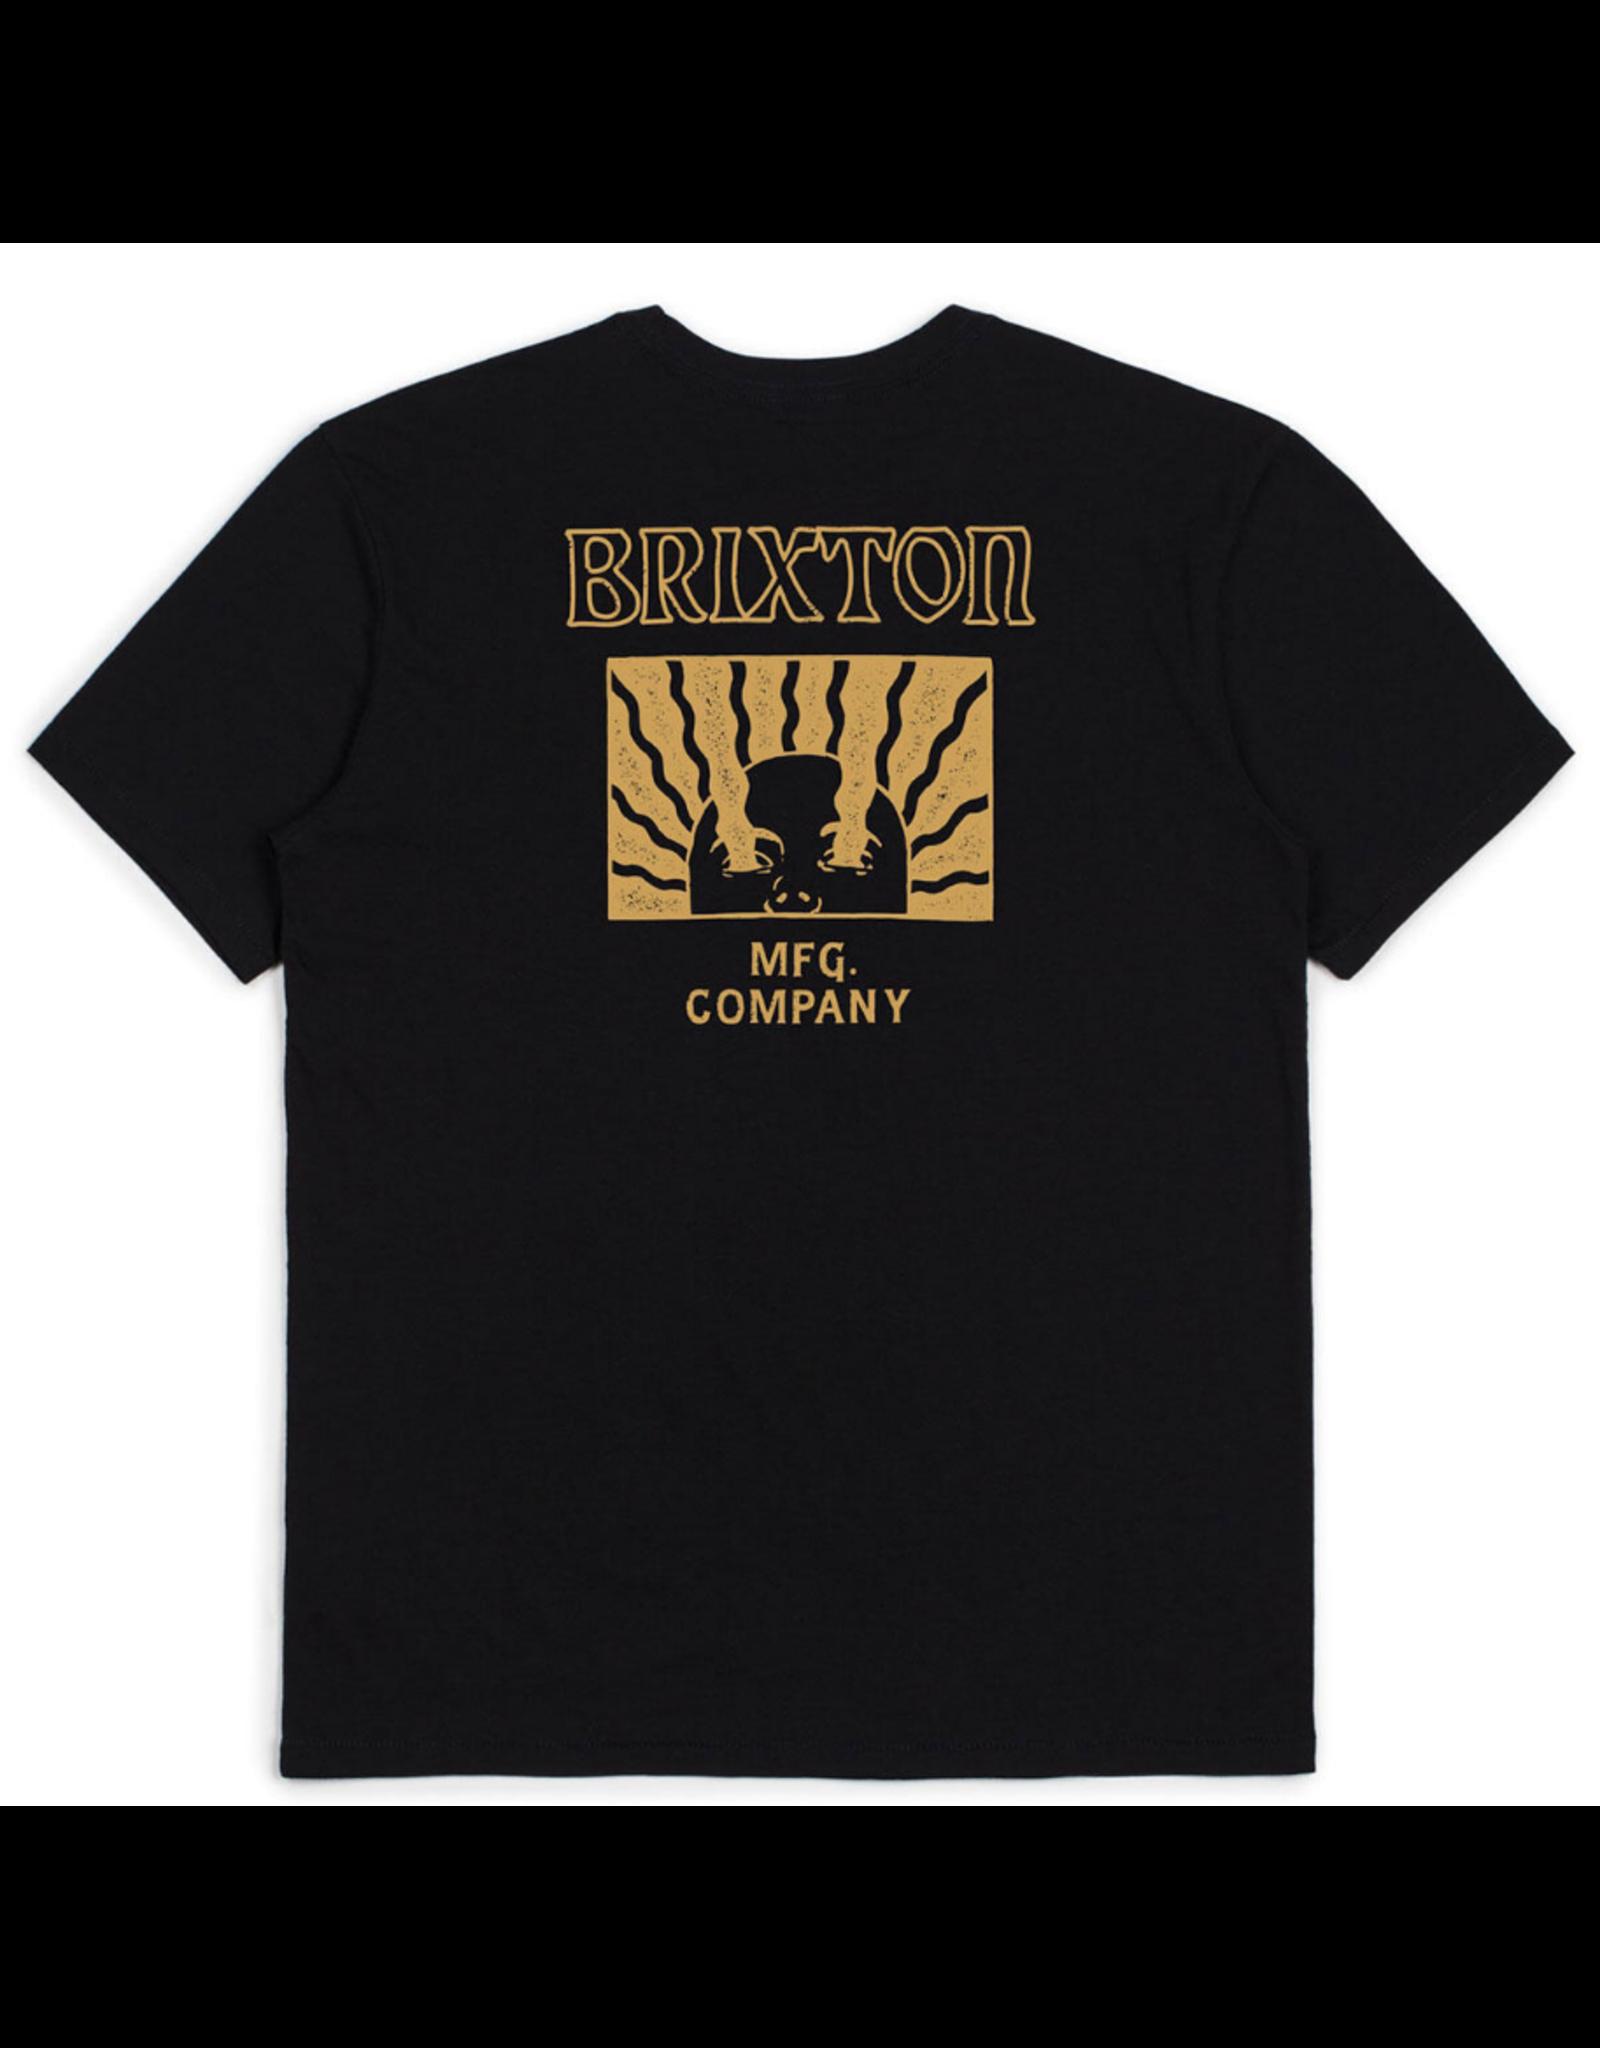 Brixton Heed S/S Tailored Tee - Black